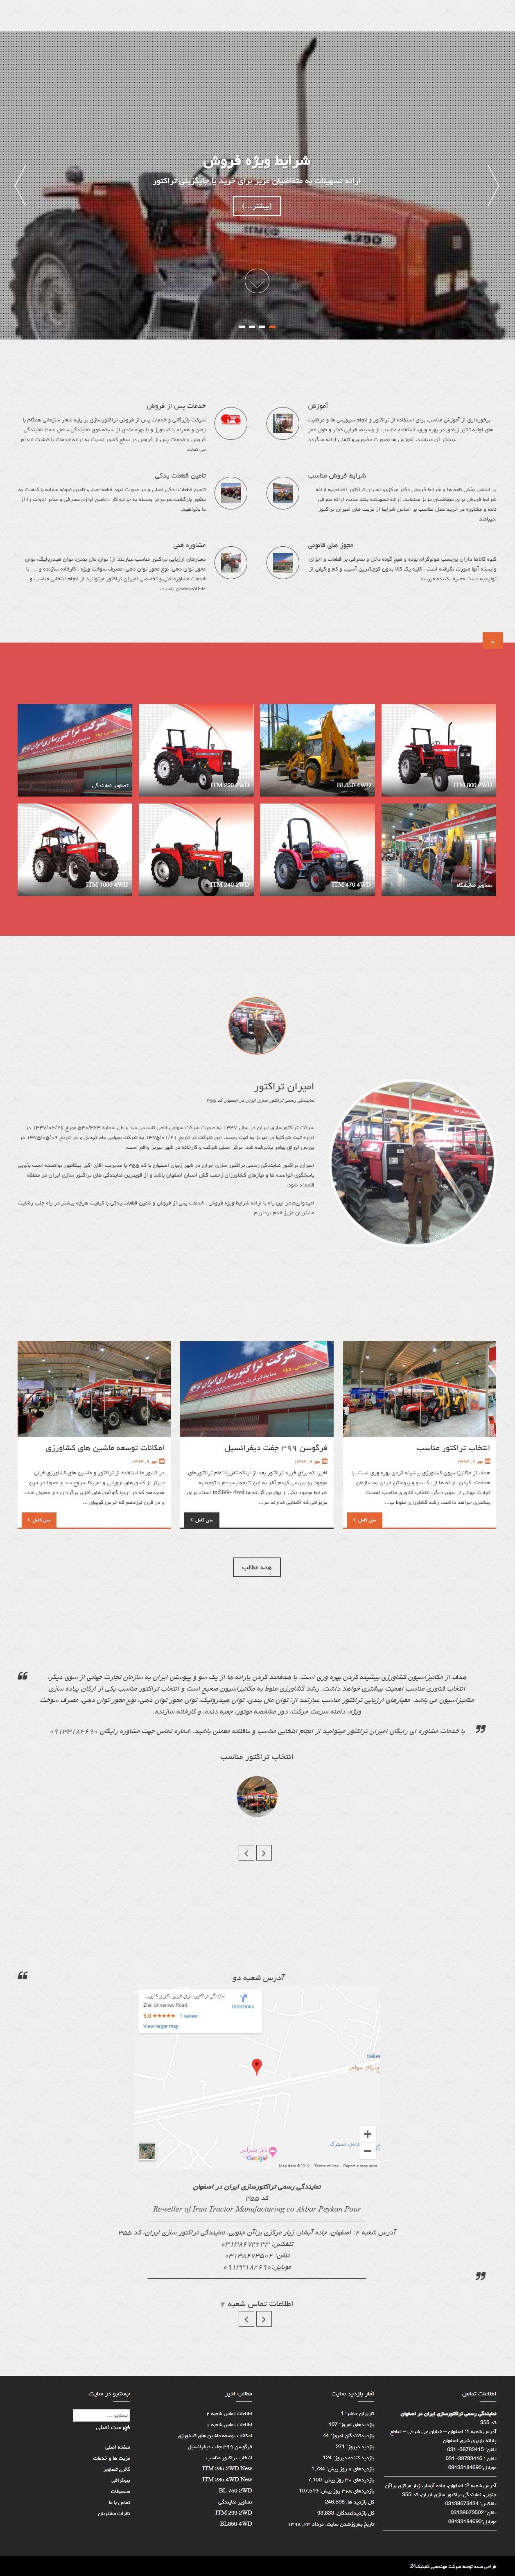 طراحی وب سایت نمایندگی رسمی تراکتورسازی ایران در اصفهان